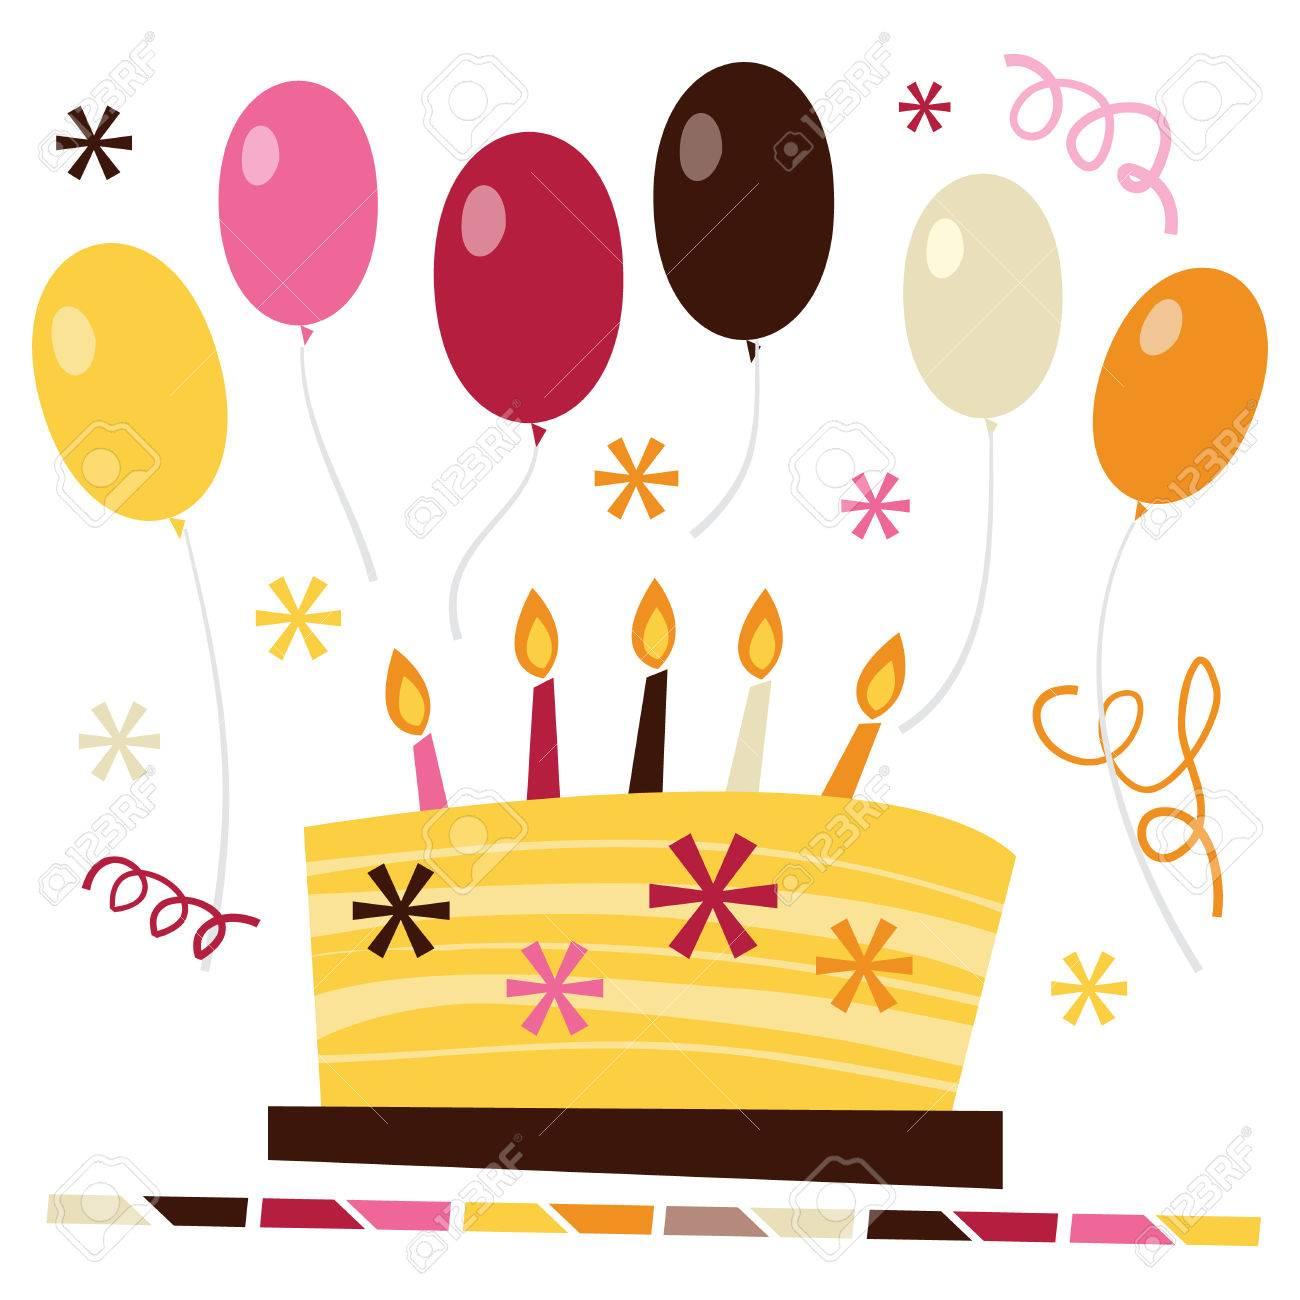 Festa A Sorpresa Di Compleanno una illustrazione vettoriale di retrò festa di compleanno a sorpresa.